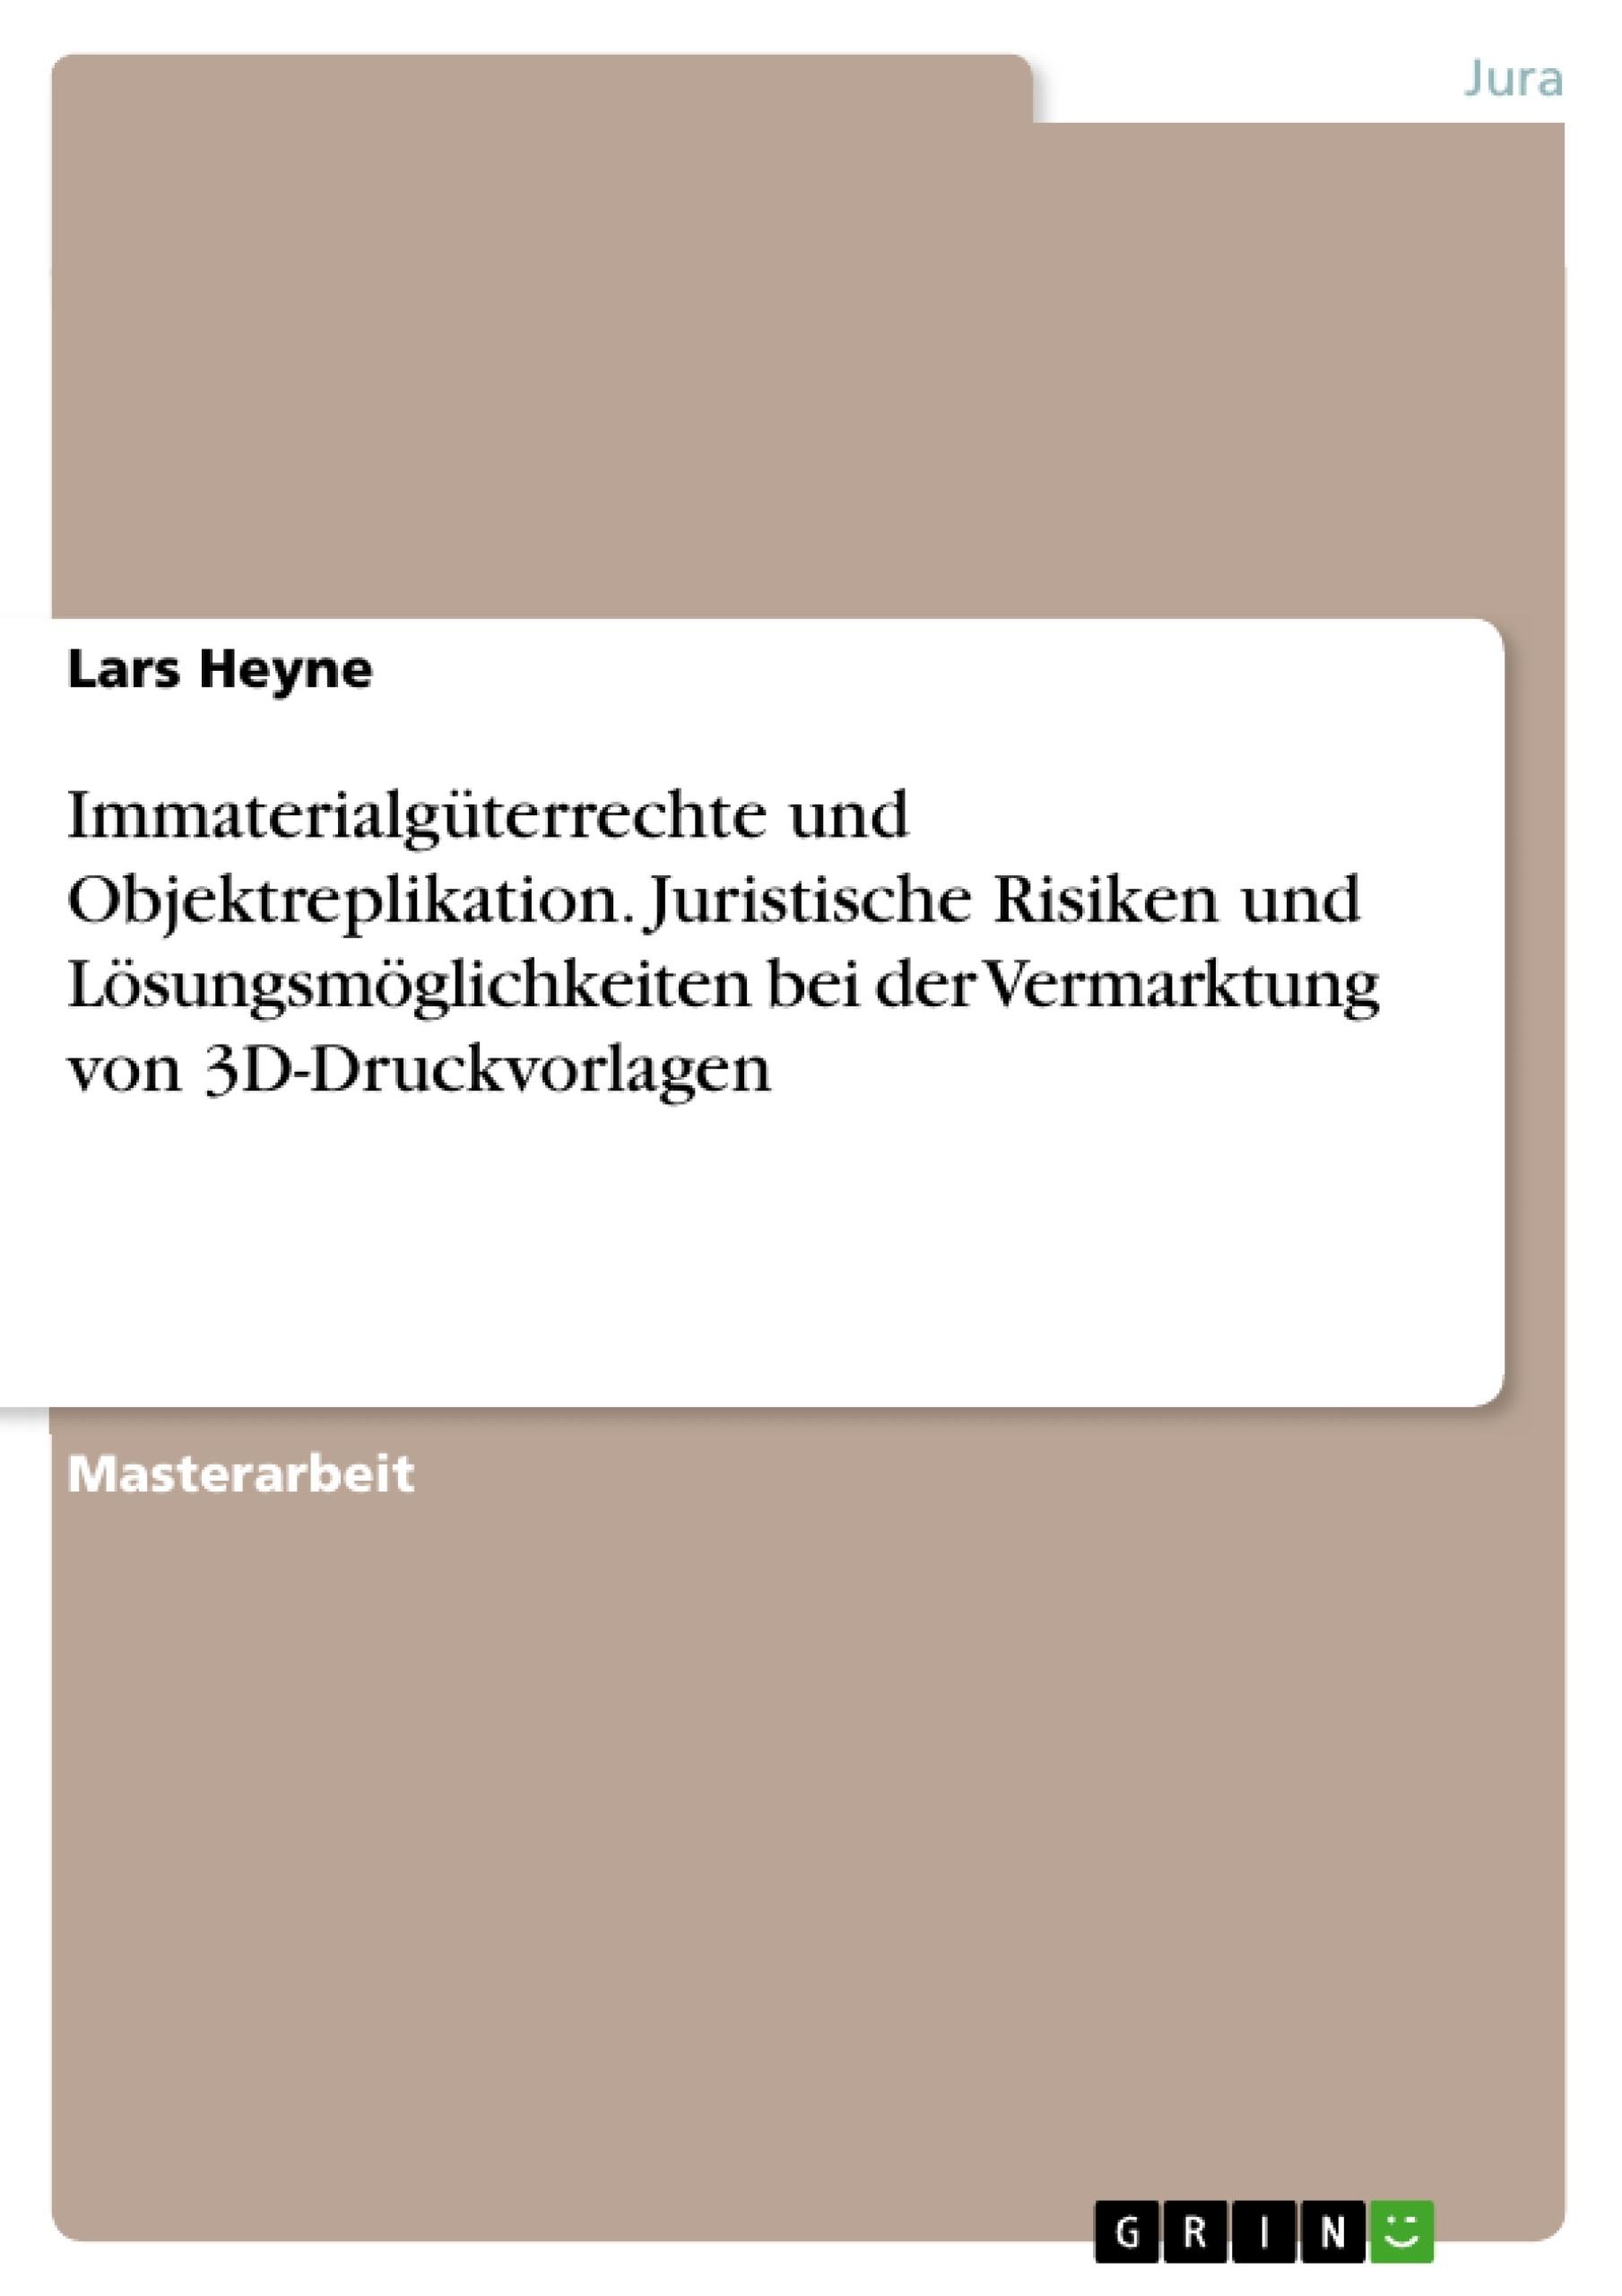 Titel: Immaterialgüterrechte und Objektreplikation. Juristische Risiken und Lösungsmöglichkeiten bei der Vermarktung von 3D-Druckvorlagen